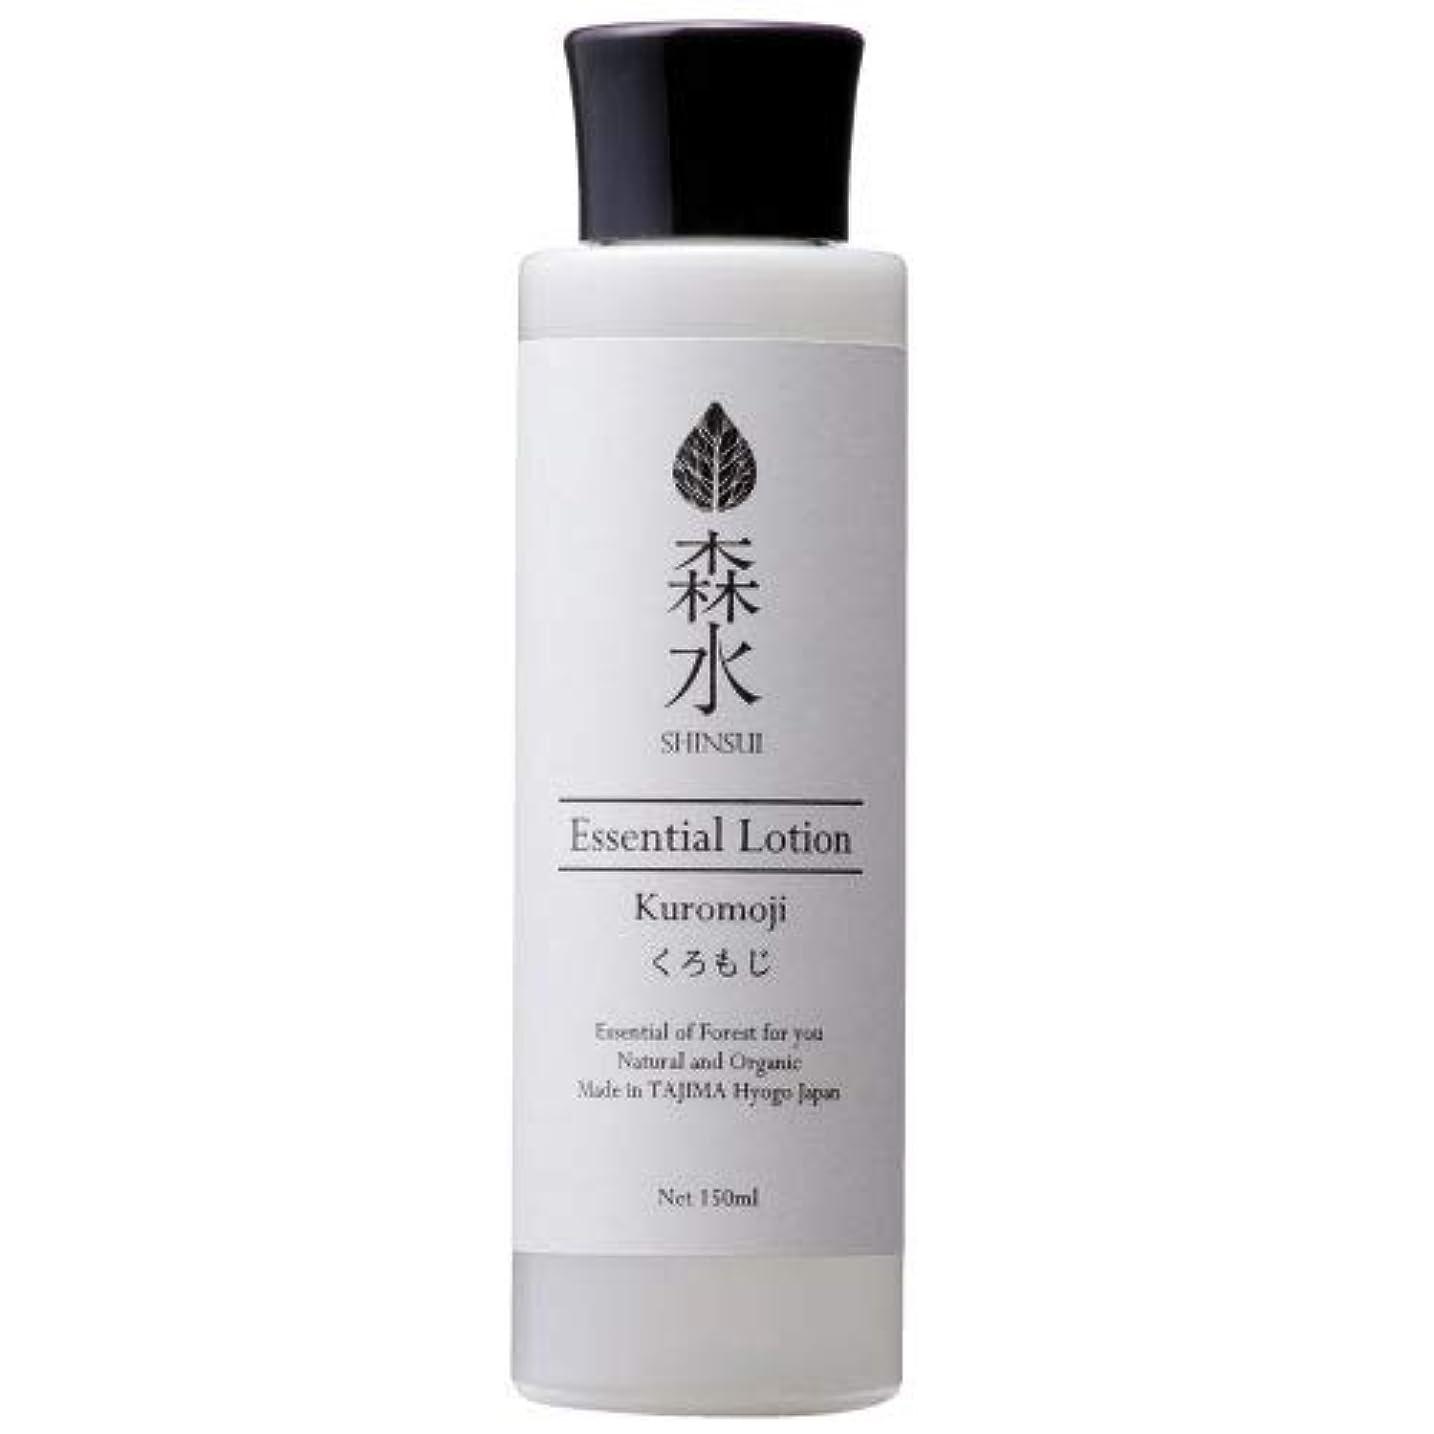 美しいフローティング不従順森水-SHINSUI シンスイ-くろもじ化粧水(Kuromoji Essential Lotion)150ml